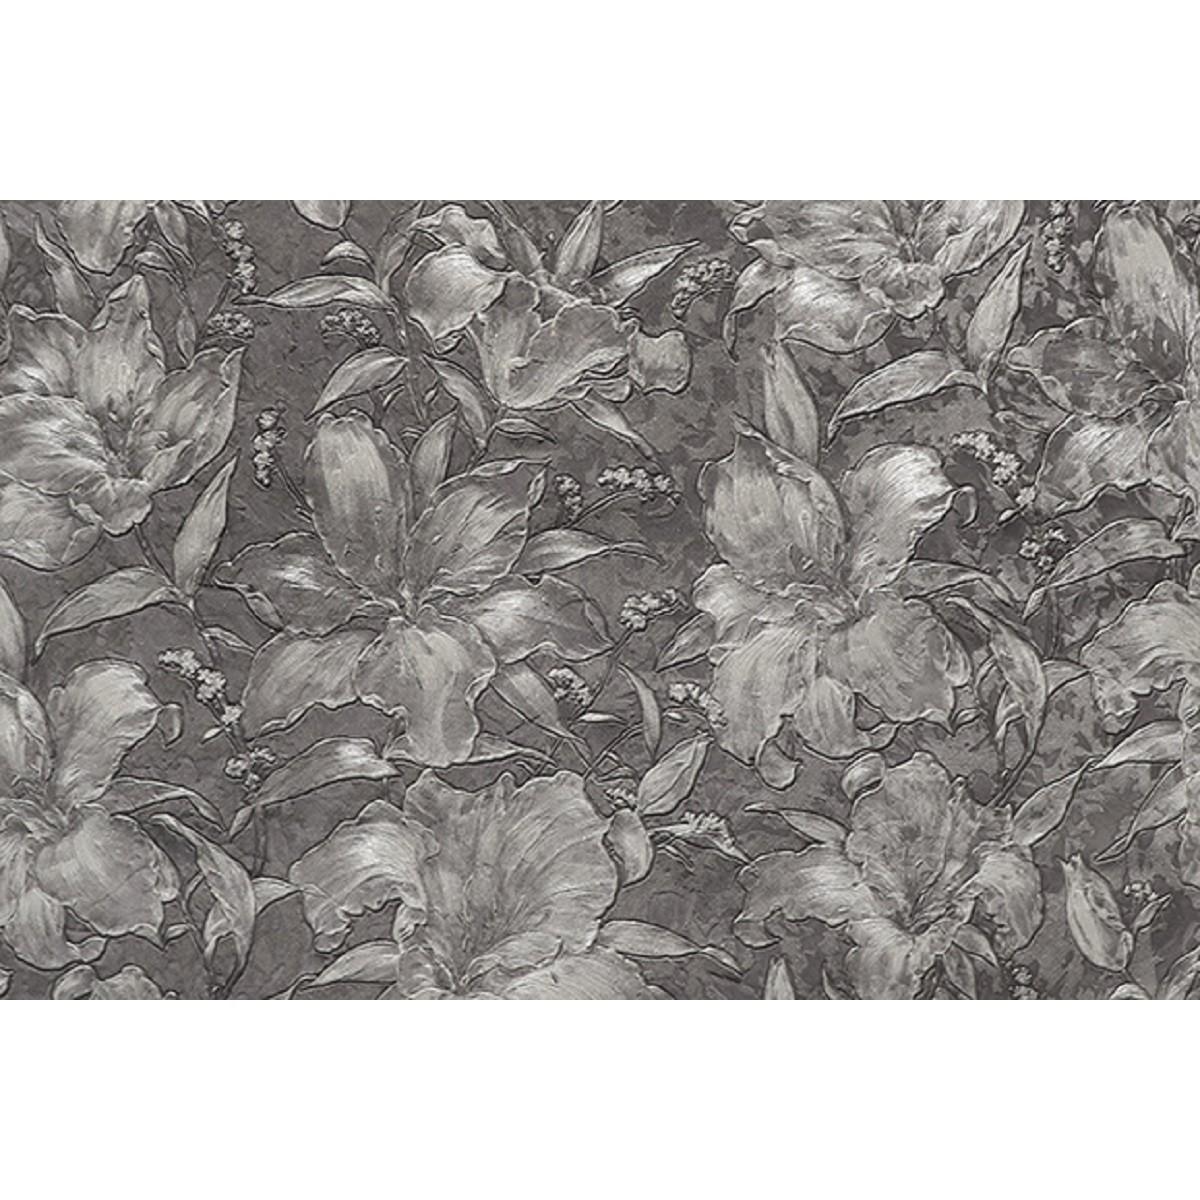 Обои флизелиновые Melody Блисс Муар серые 47607 1.06 м